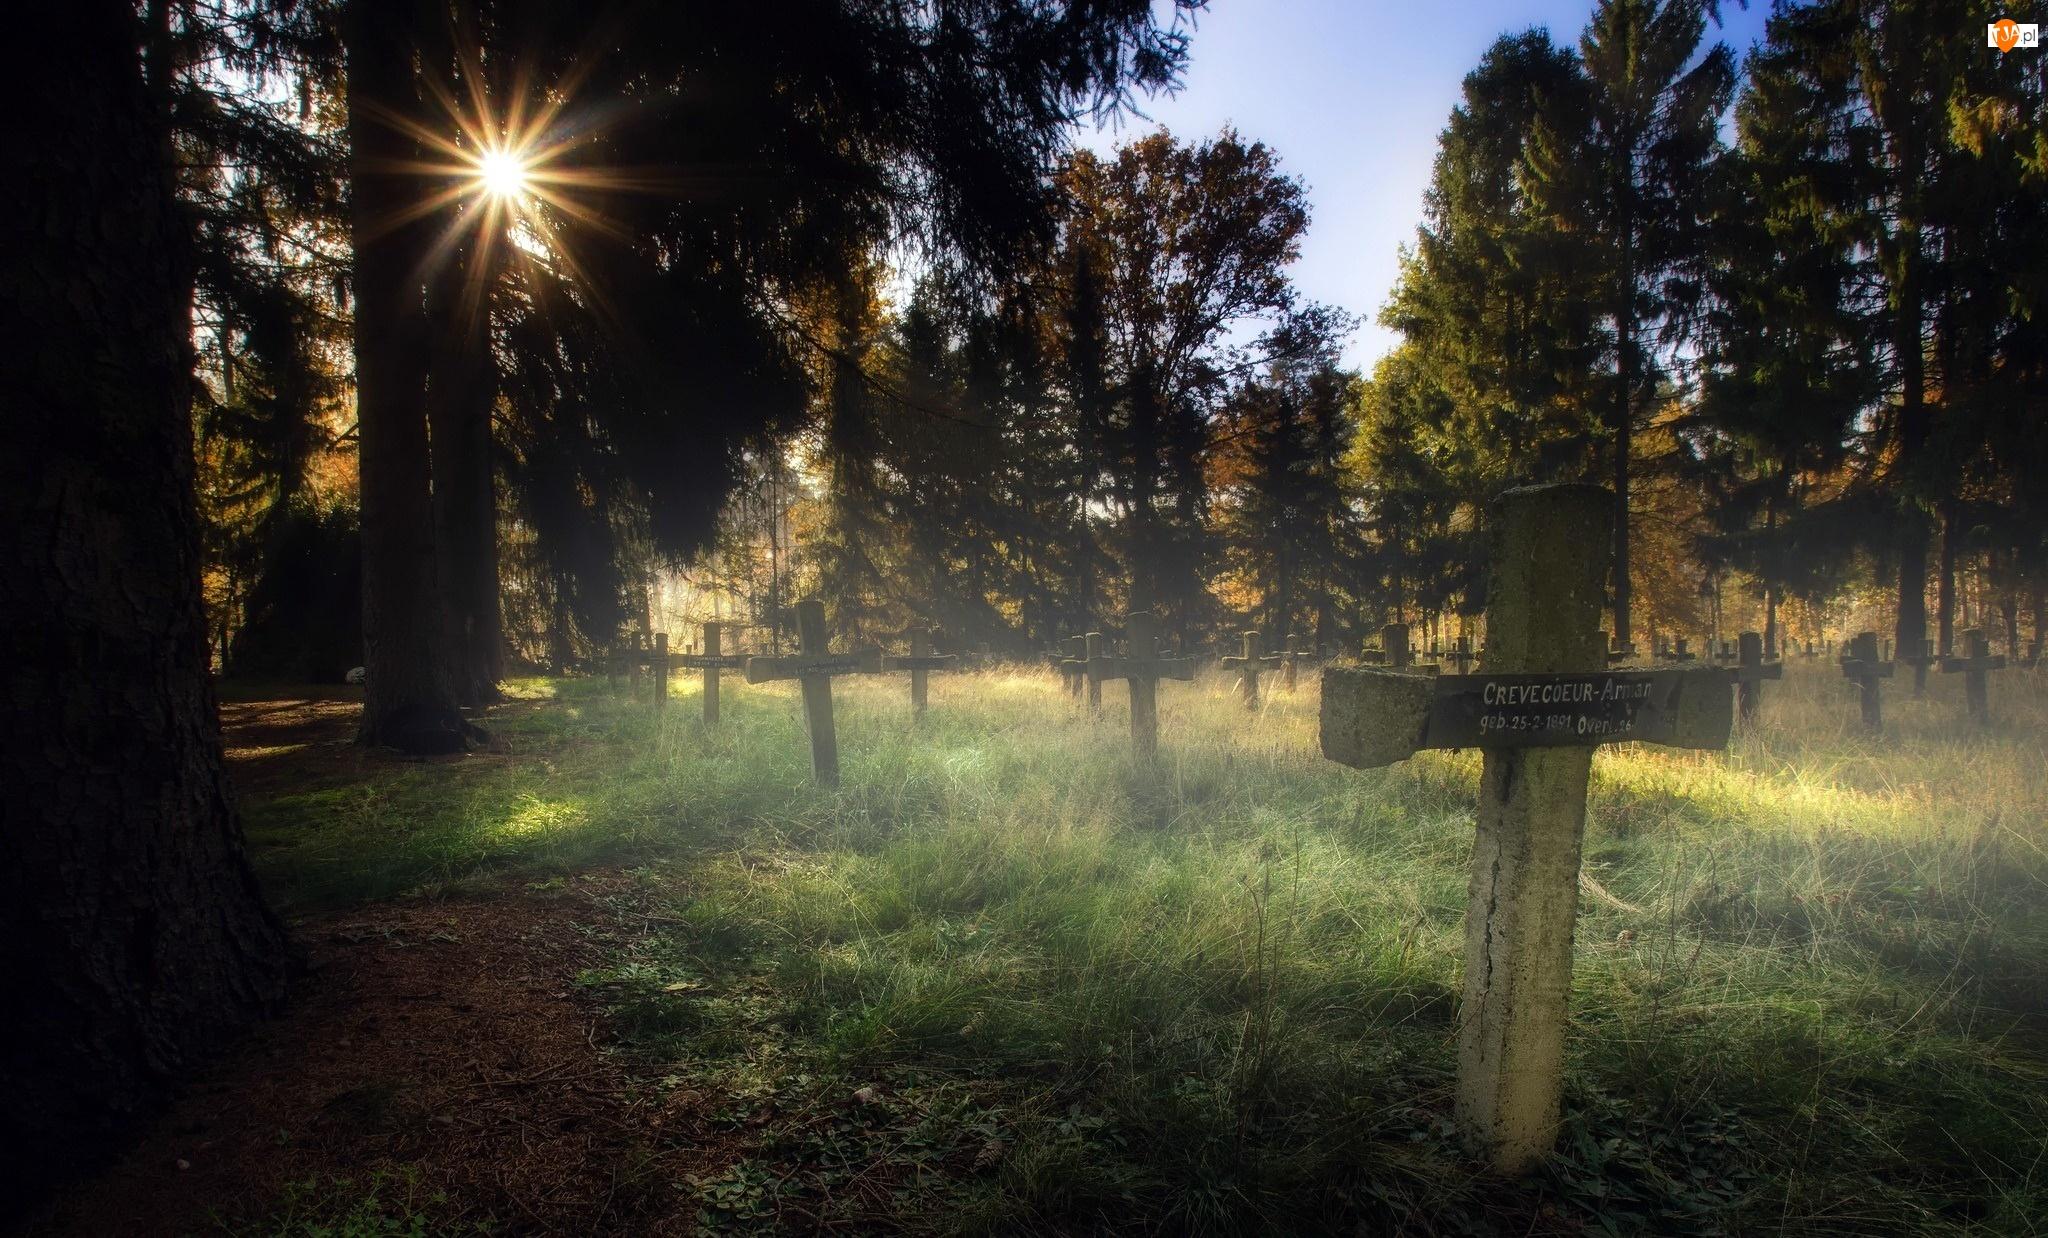 Promienie słońca, Cmentarz, Poranek, Drzewa, Mgła